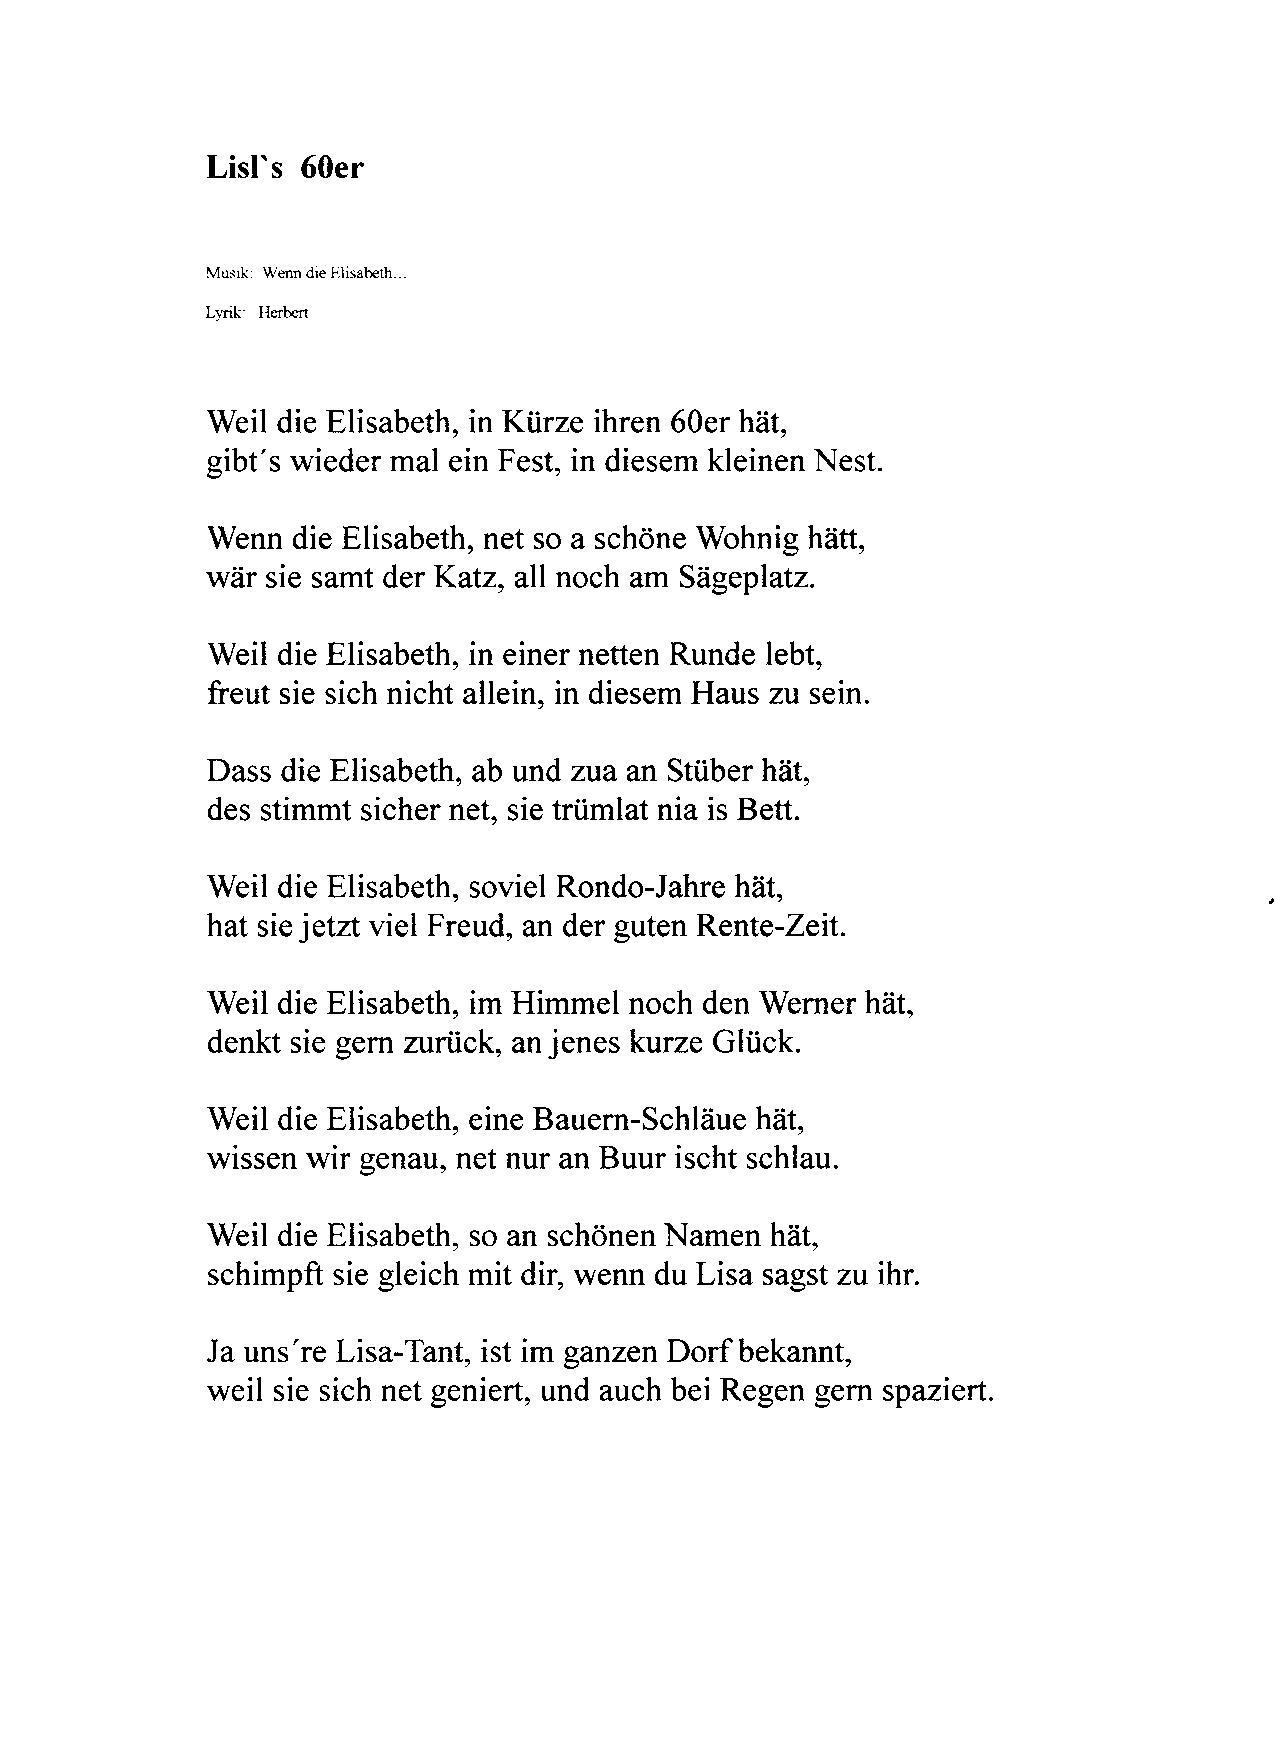 Lied zum 70 geburtstag text